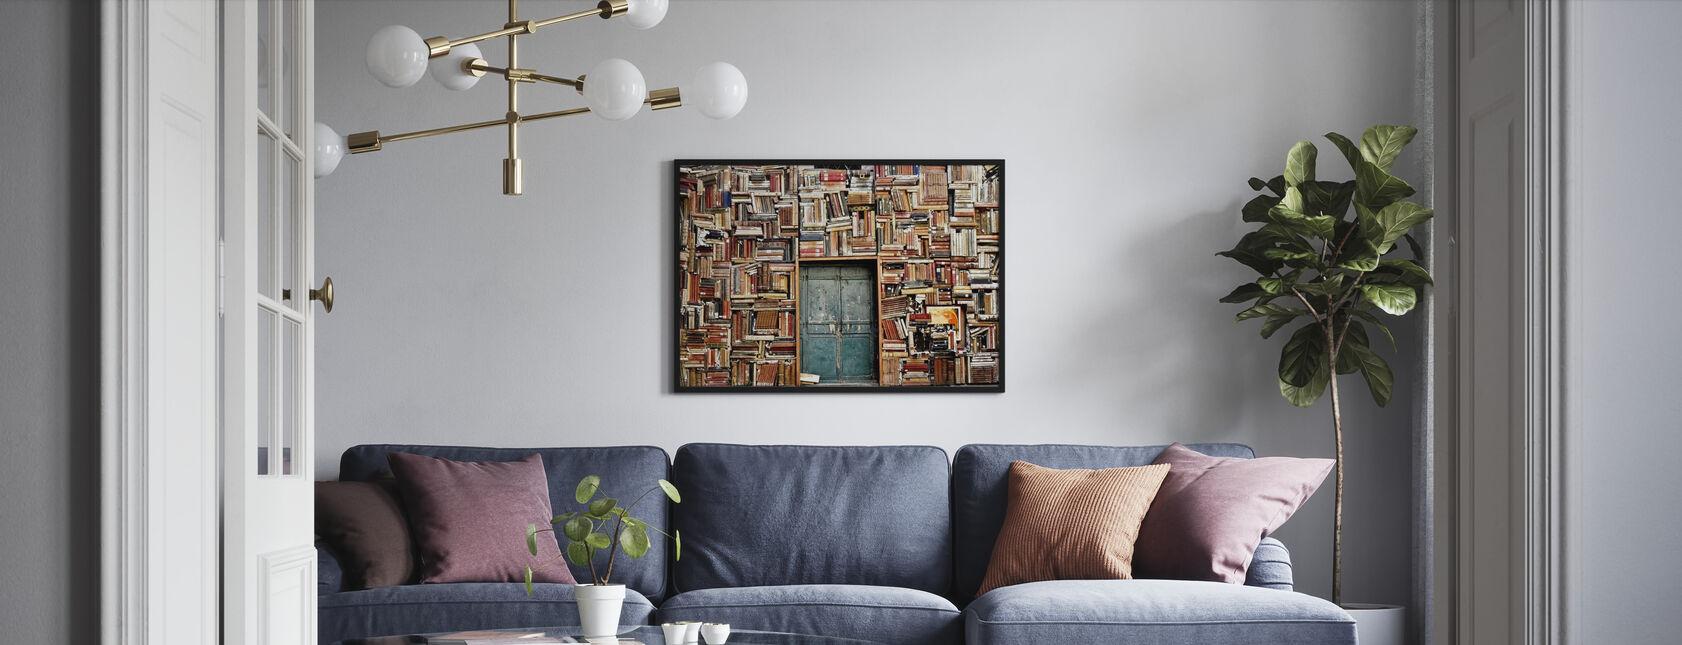 Dør og bøker - Plakat - Stue